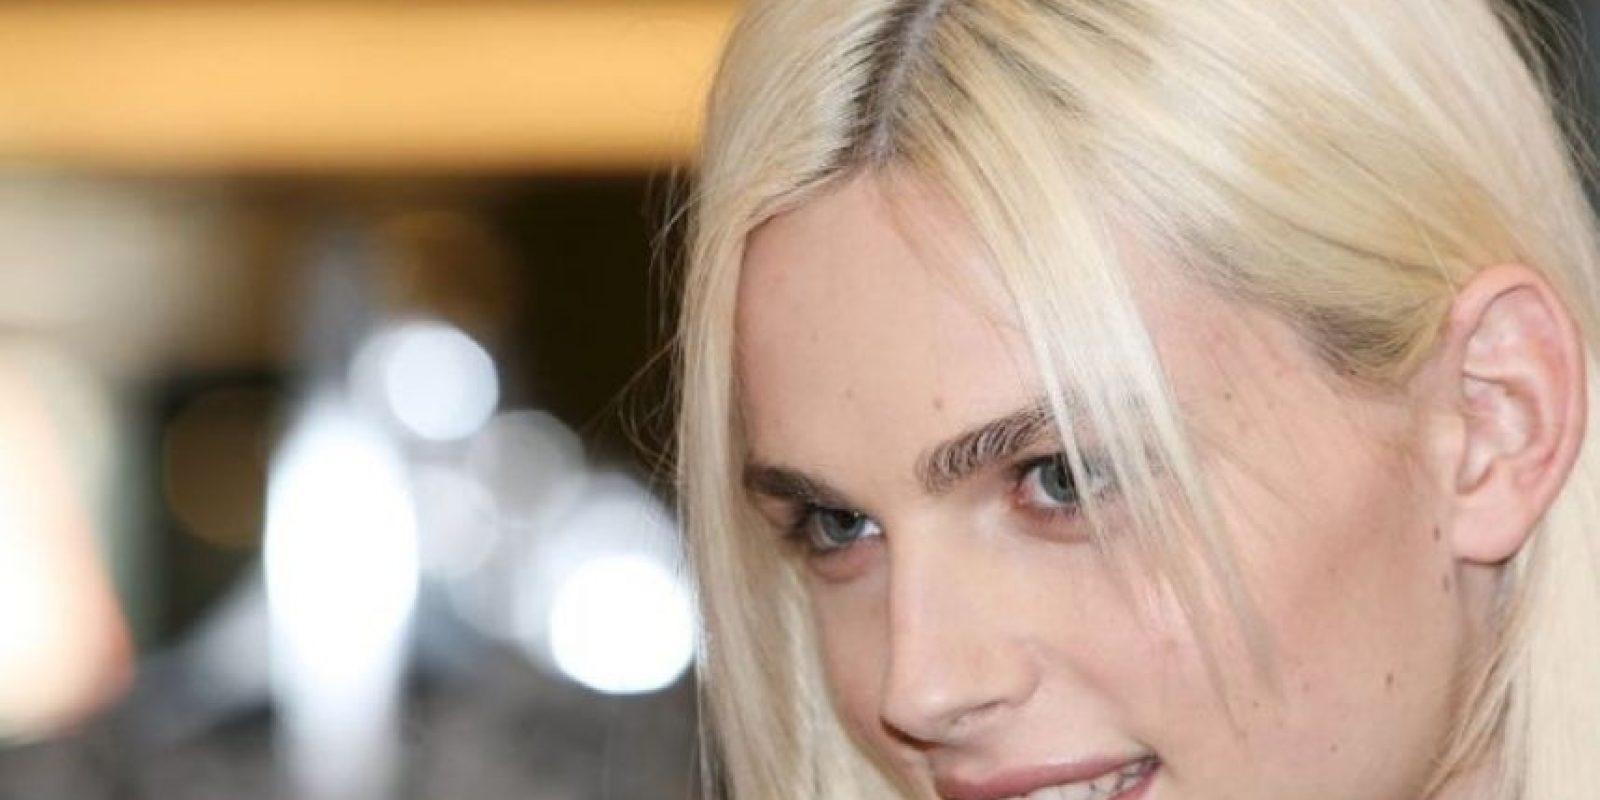 Actualmente, la modelo se identifica como mujer y confiesa que el proceso de cambio de sexo lo llevó a cabo desde los 13 años, pues comenzaba a realizarse evaluaciones psiquiátricas con especialistas para el proceso de cambio de sexo. Foto:Getty Images